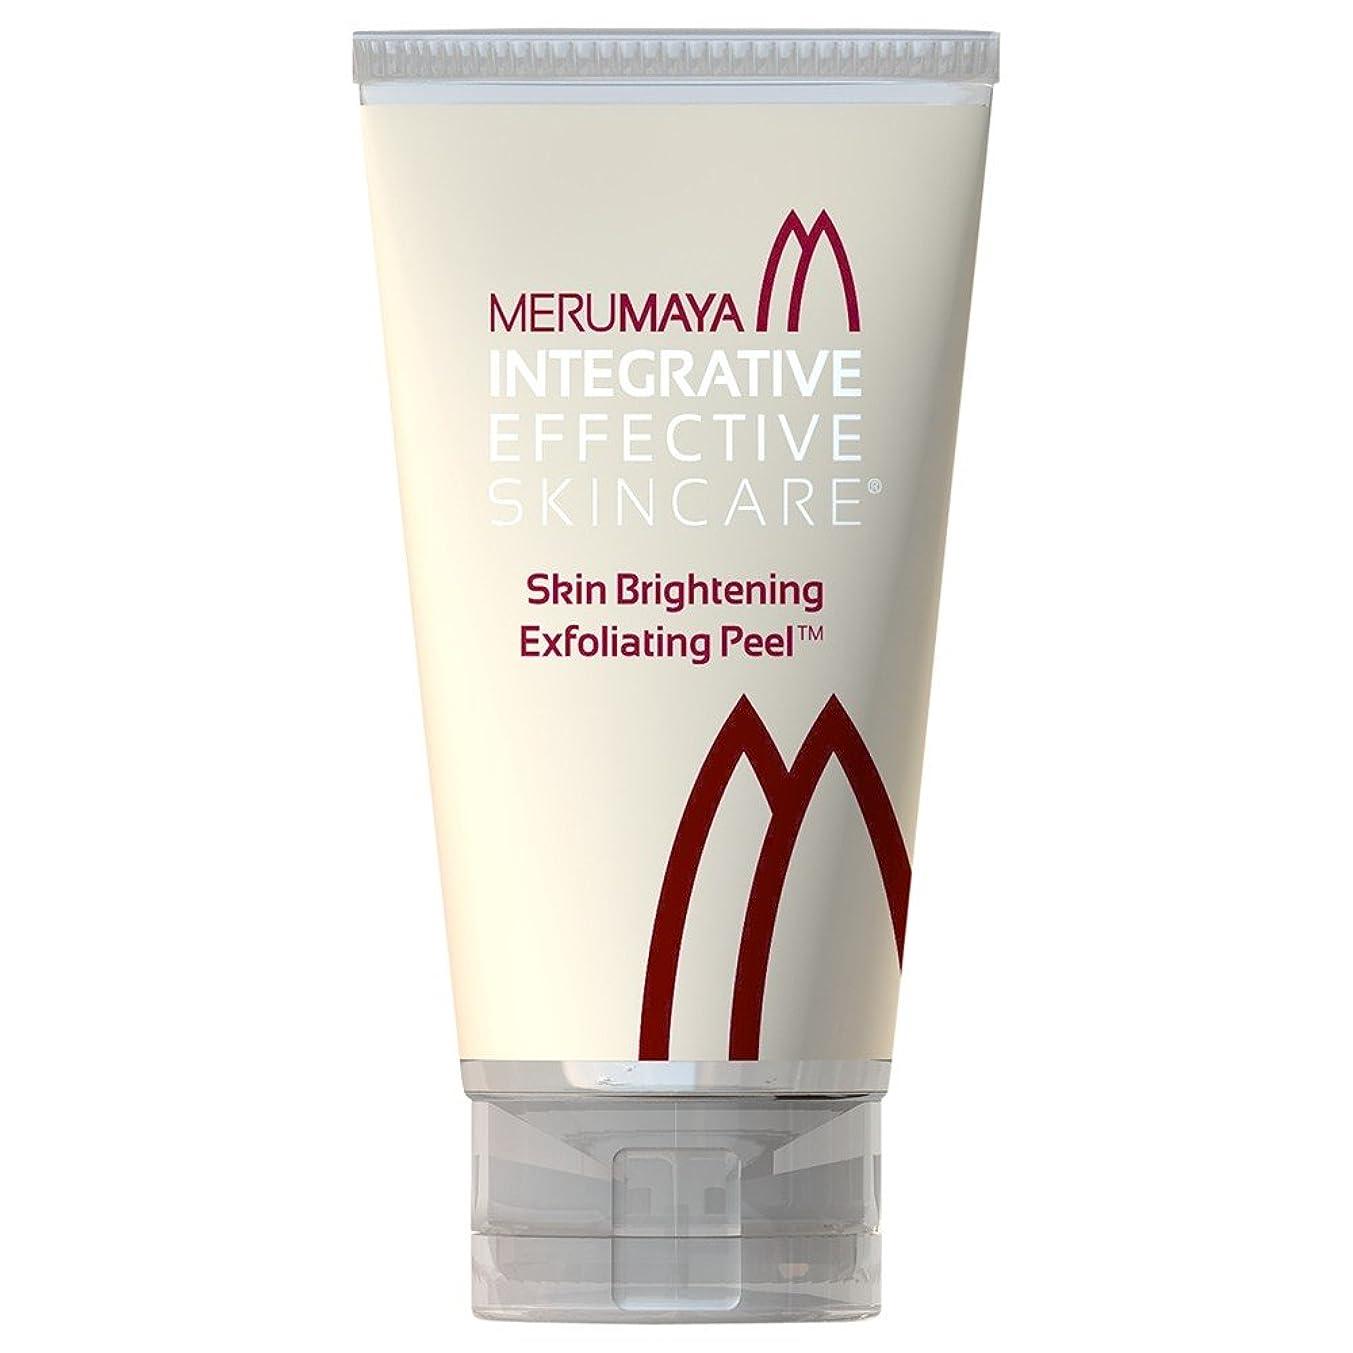 容疑者兵器庫キャロラインMerumayaスキンブライトニングピーリング剥離?の50ミリリットル (Merumaya) - MERUMAYA Skin Brightening Exfoliating Peel? 50ml [並行輸入品]